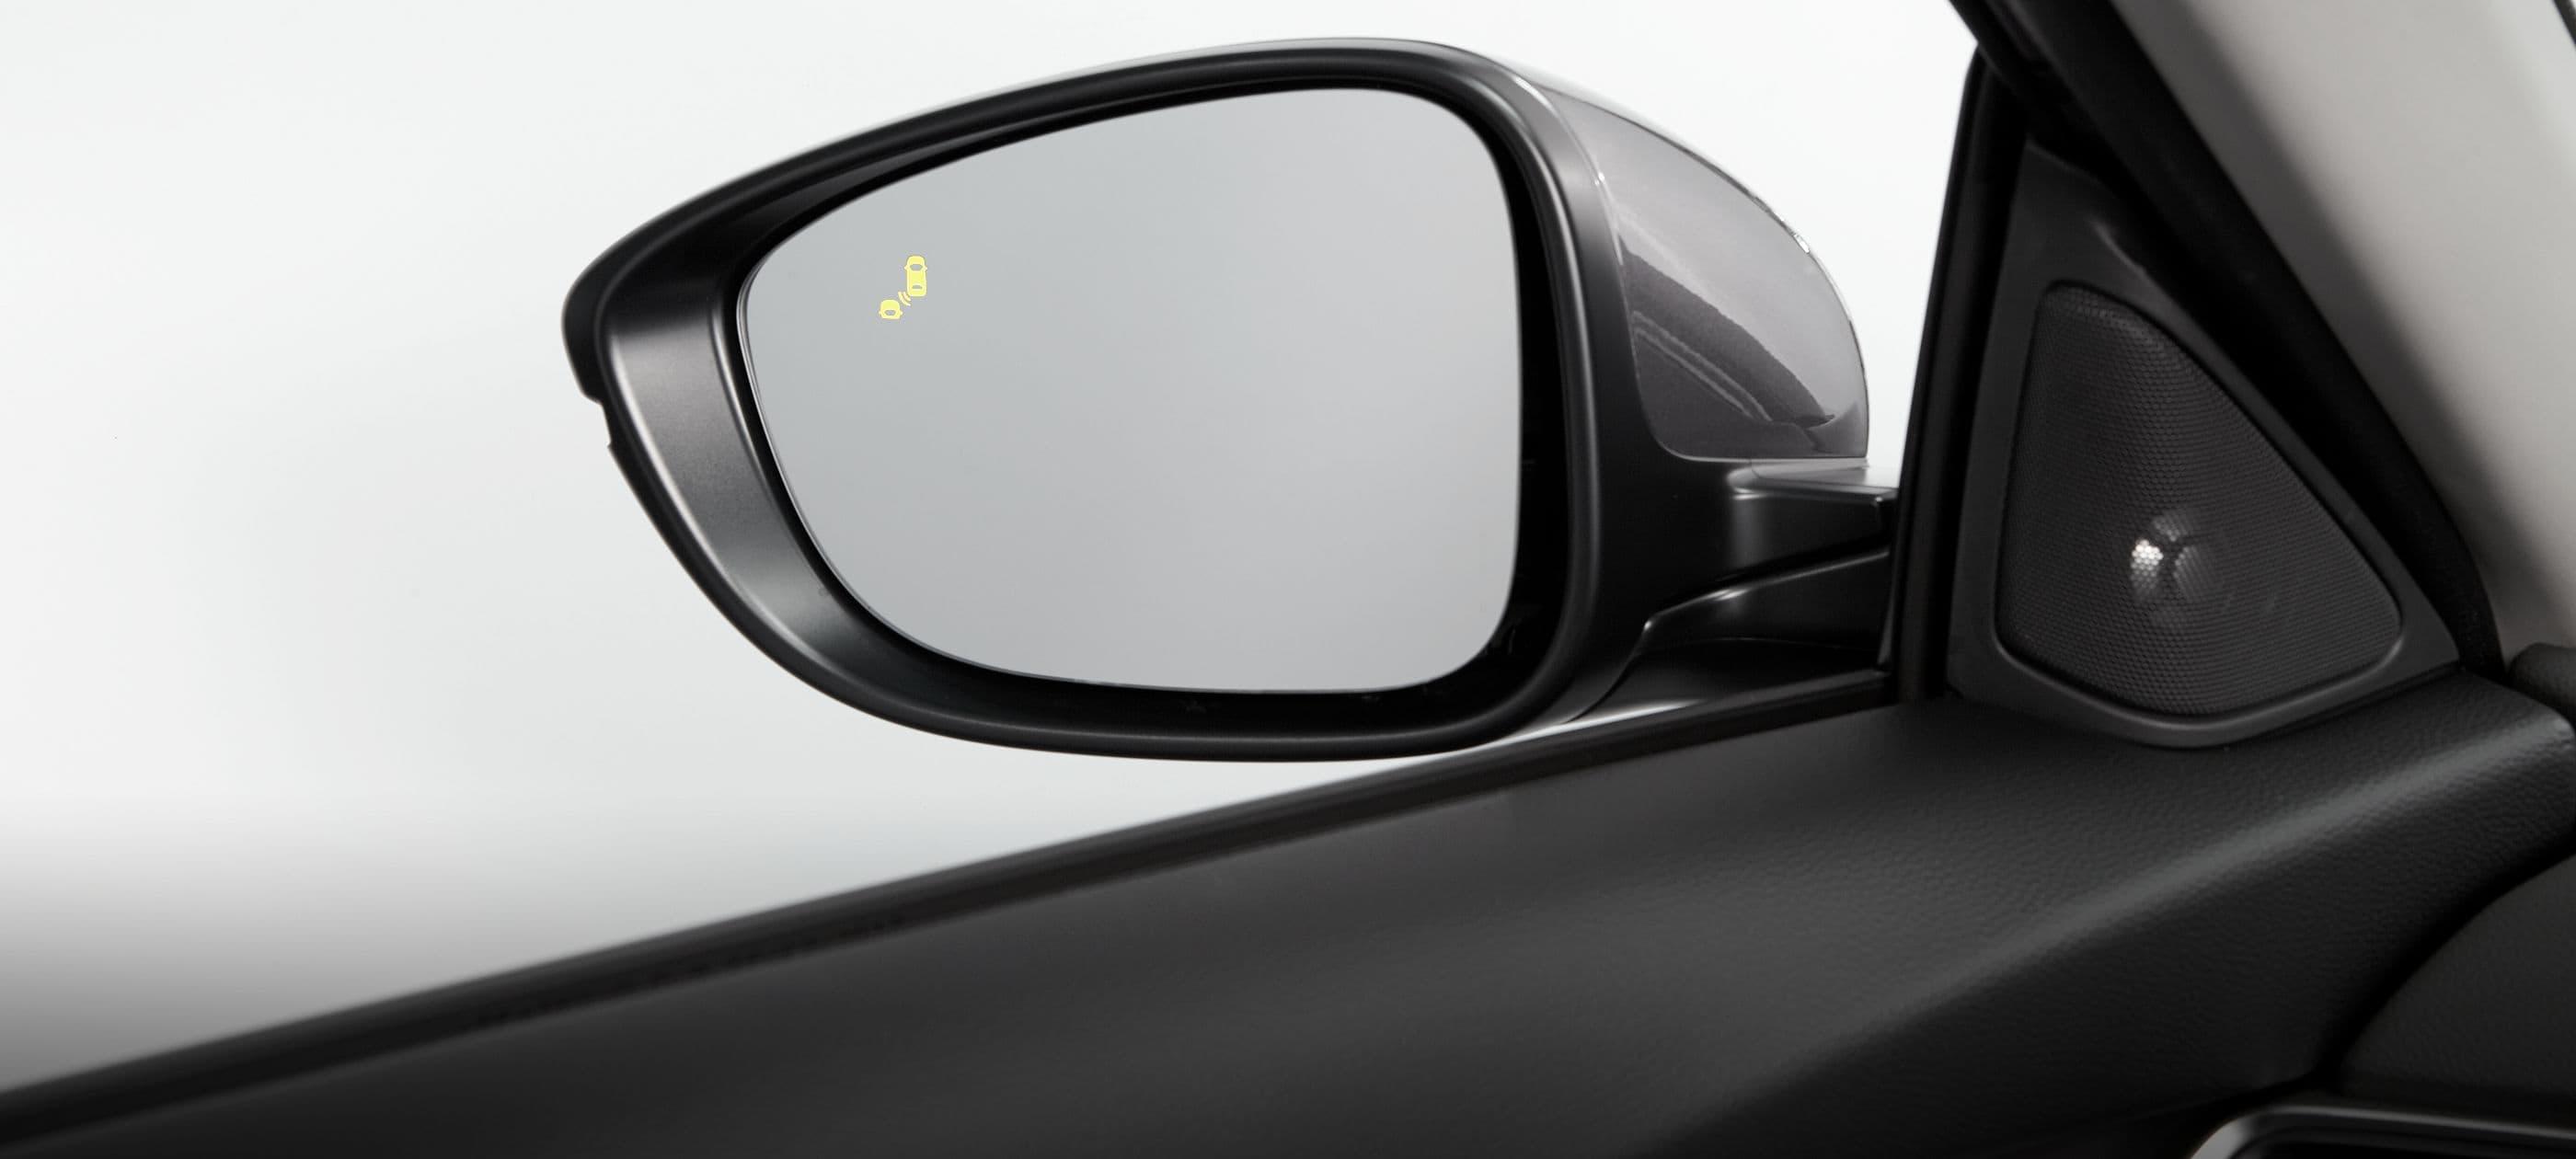 Blind Spot Information (BSI)